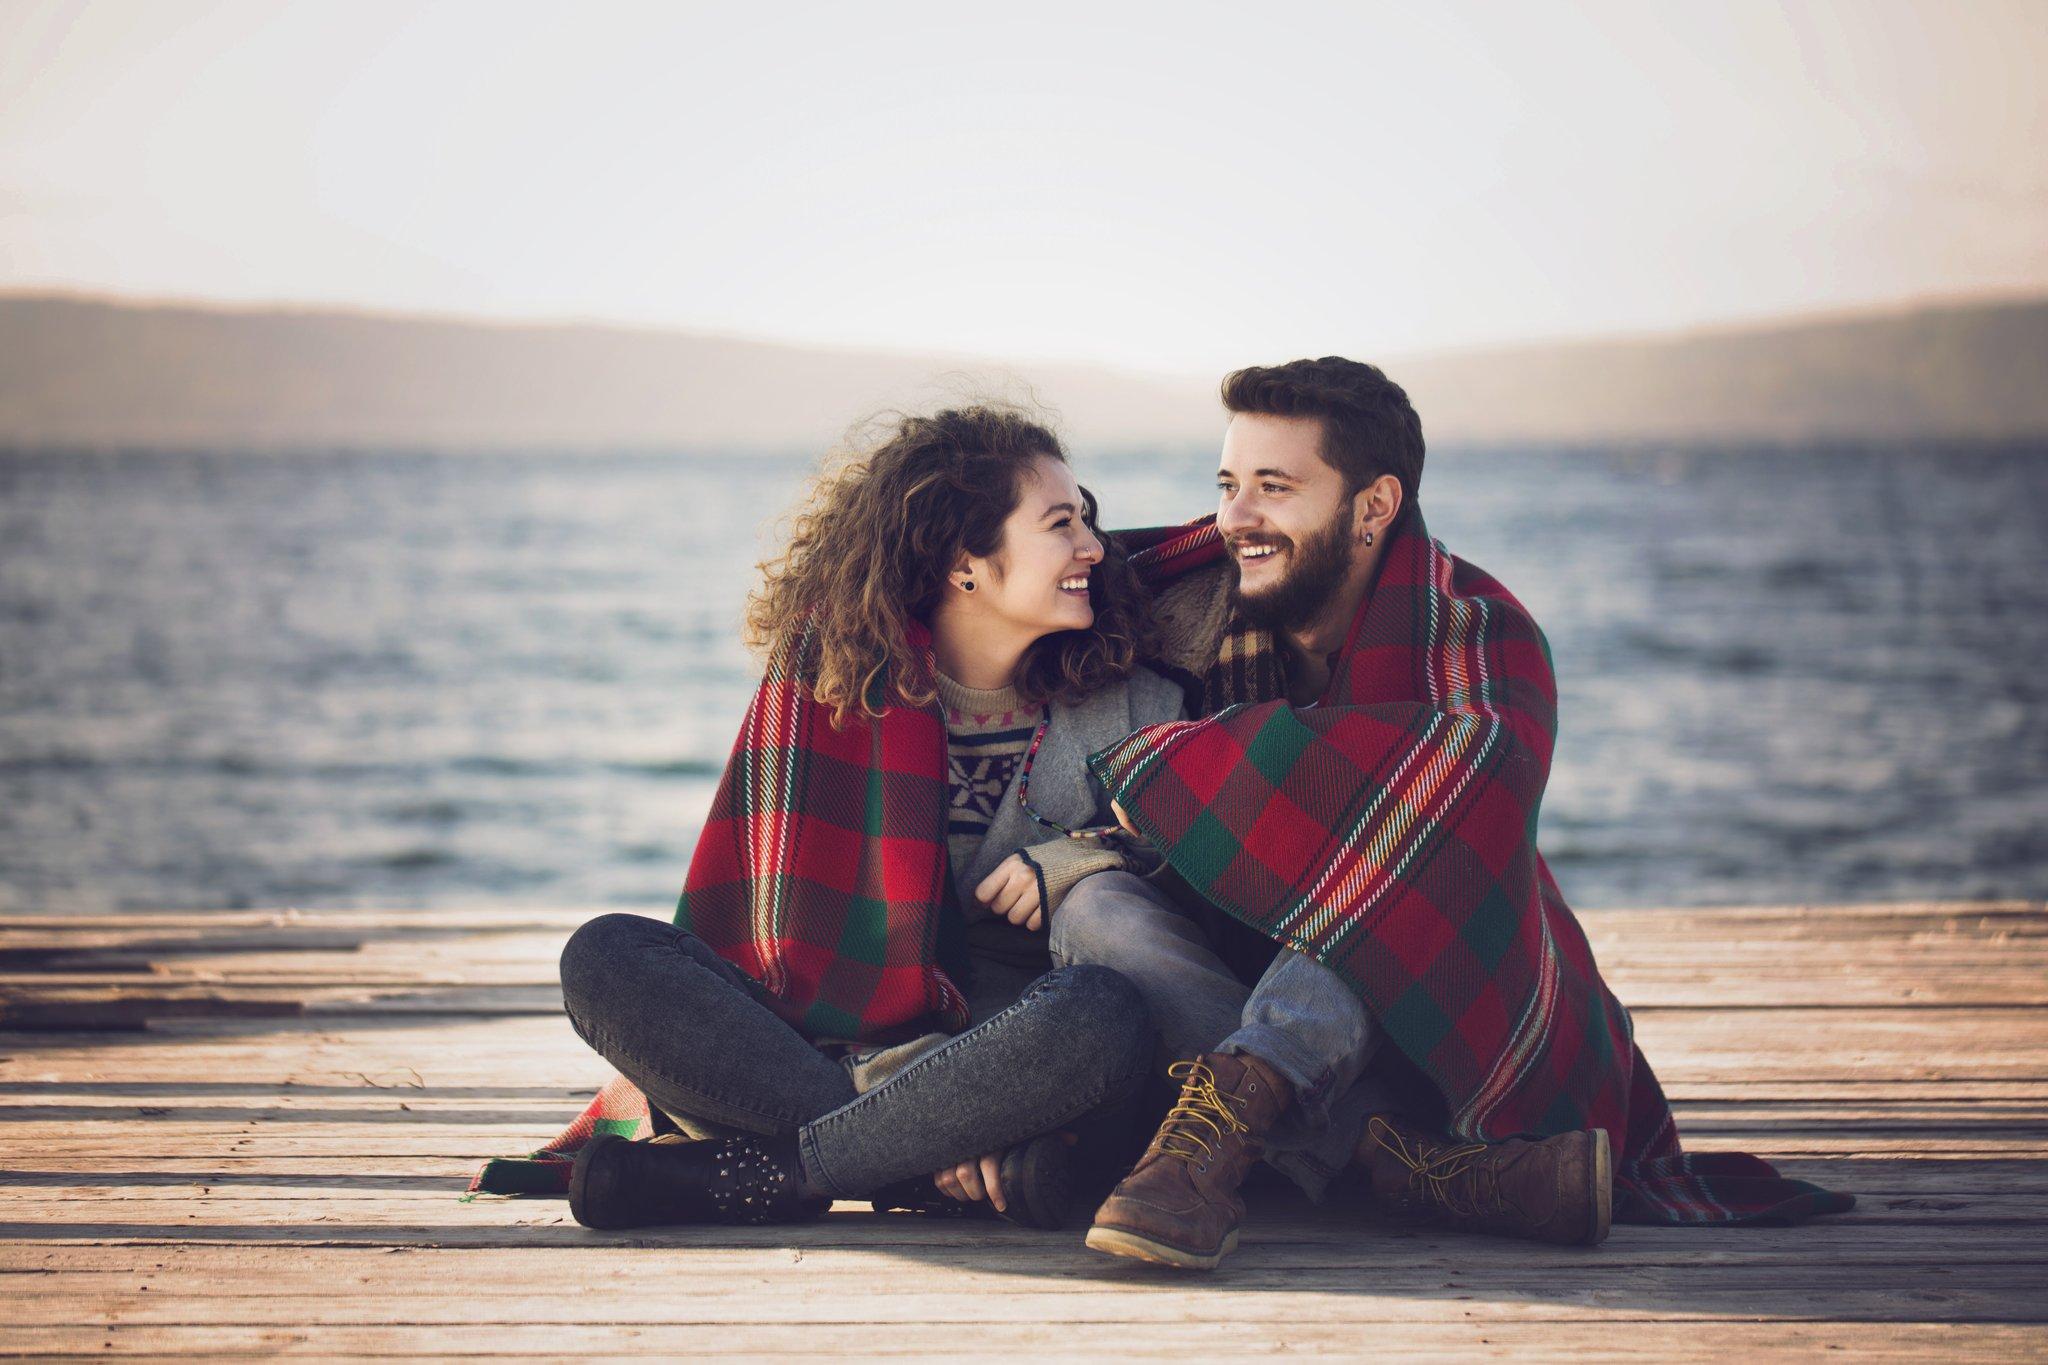 صورة اجمل صور حب رومانسيه , الحب والرومانسيه وعلاقتهم بالحياه